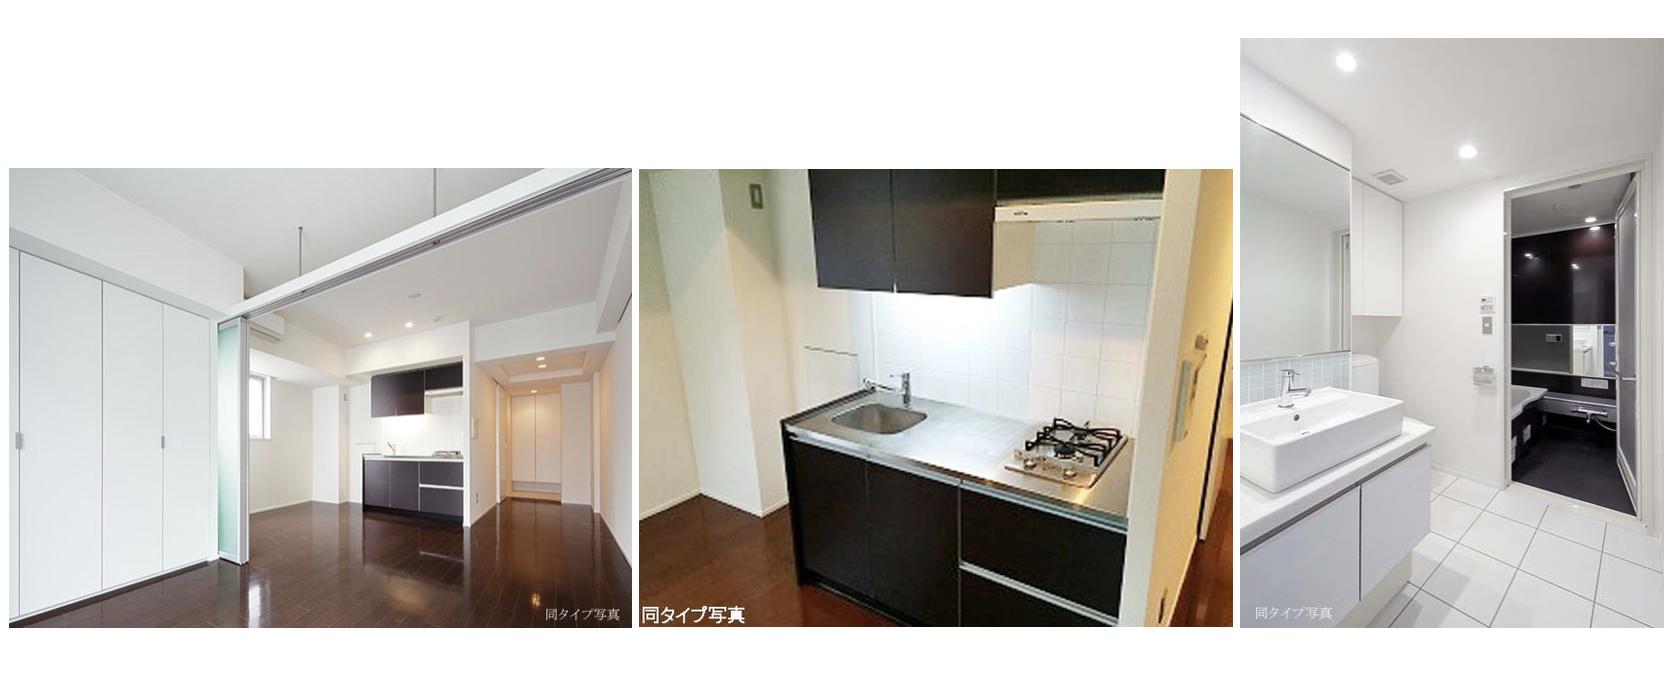 コンフォリア西新宿の室内(1LDK)